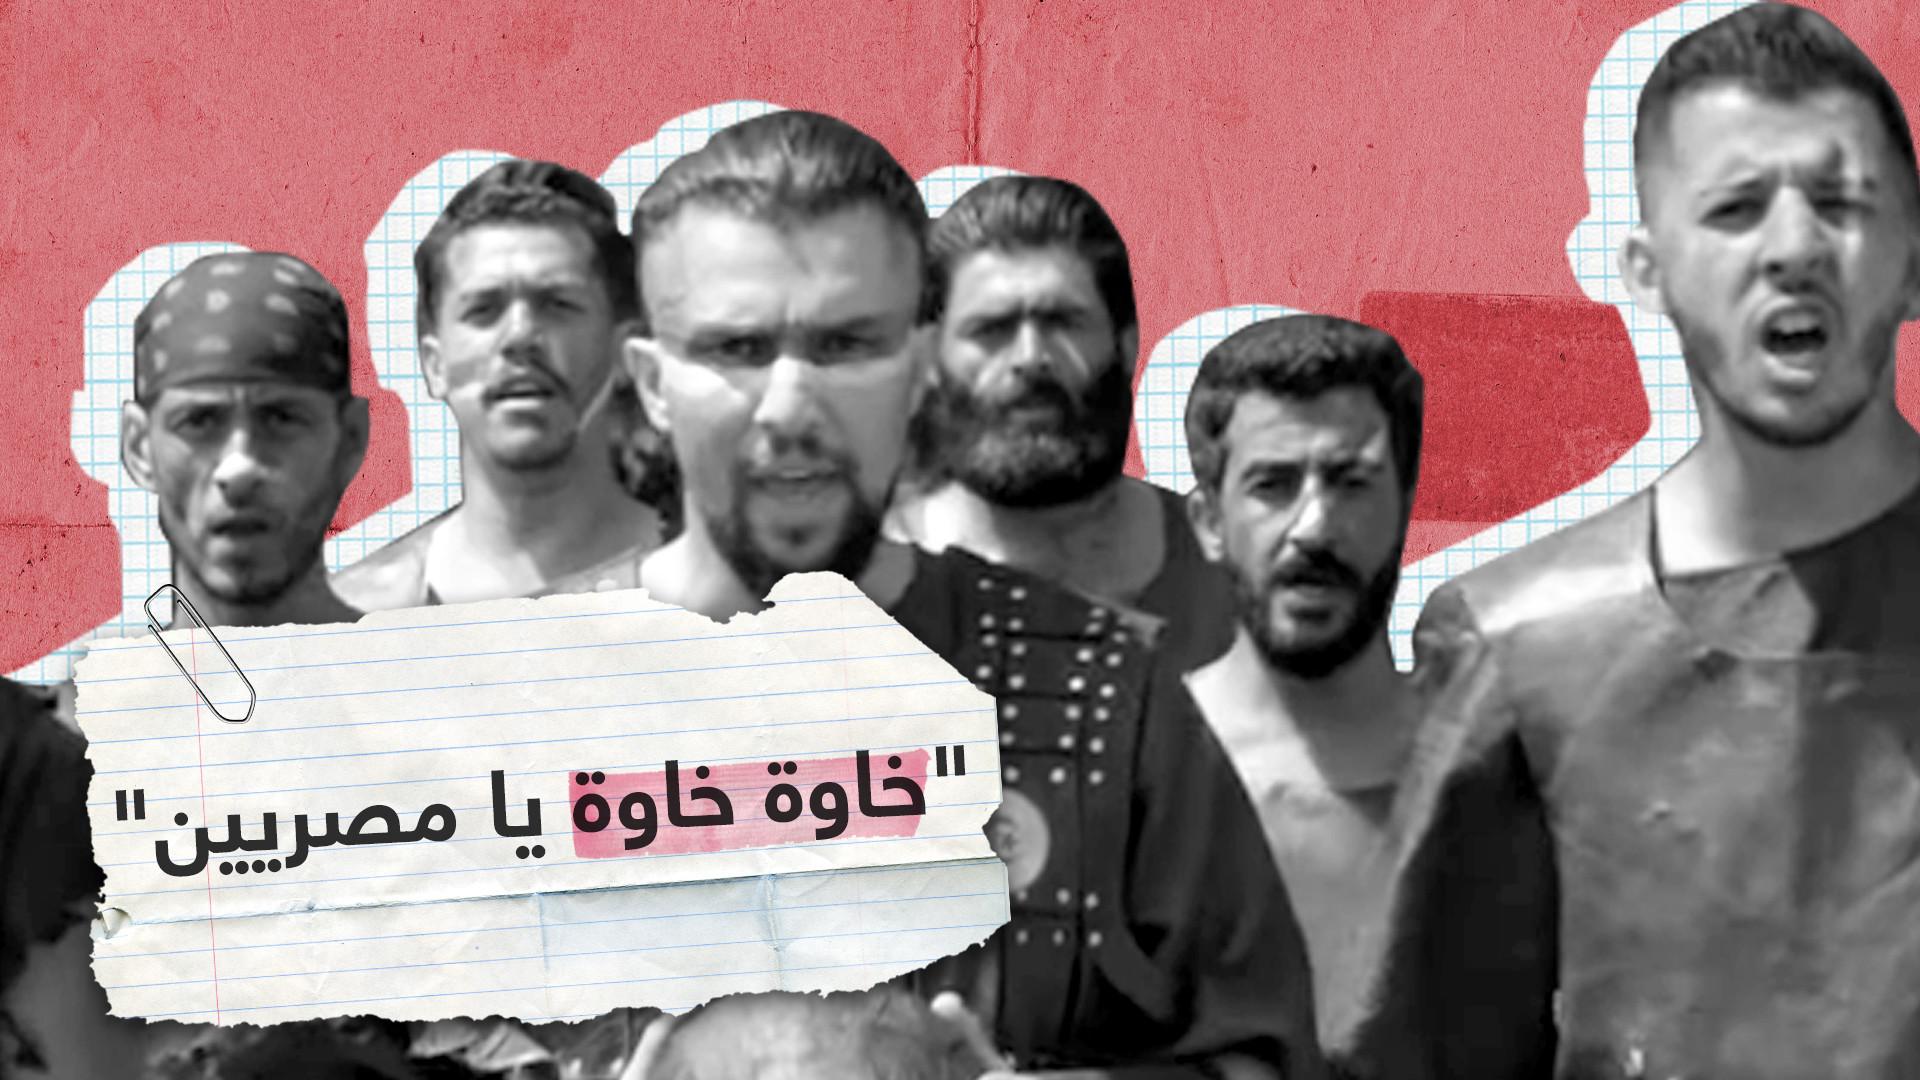 رسالة جزائرية للمصريين.. أغنية تحقق مشاهدات مليونية وتنال الإعجاب